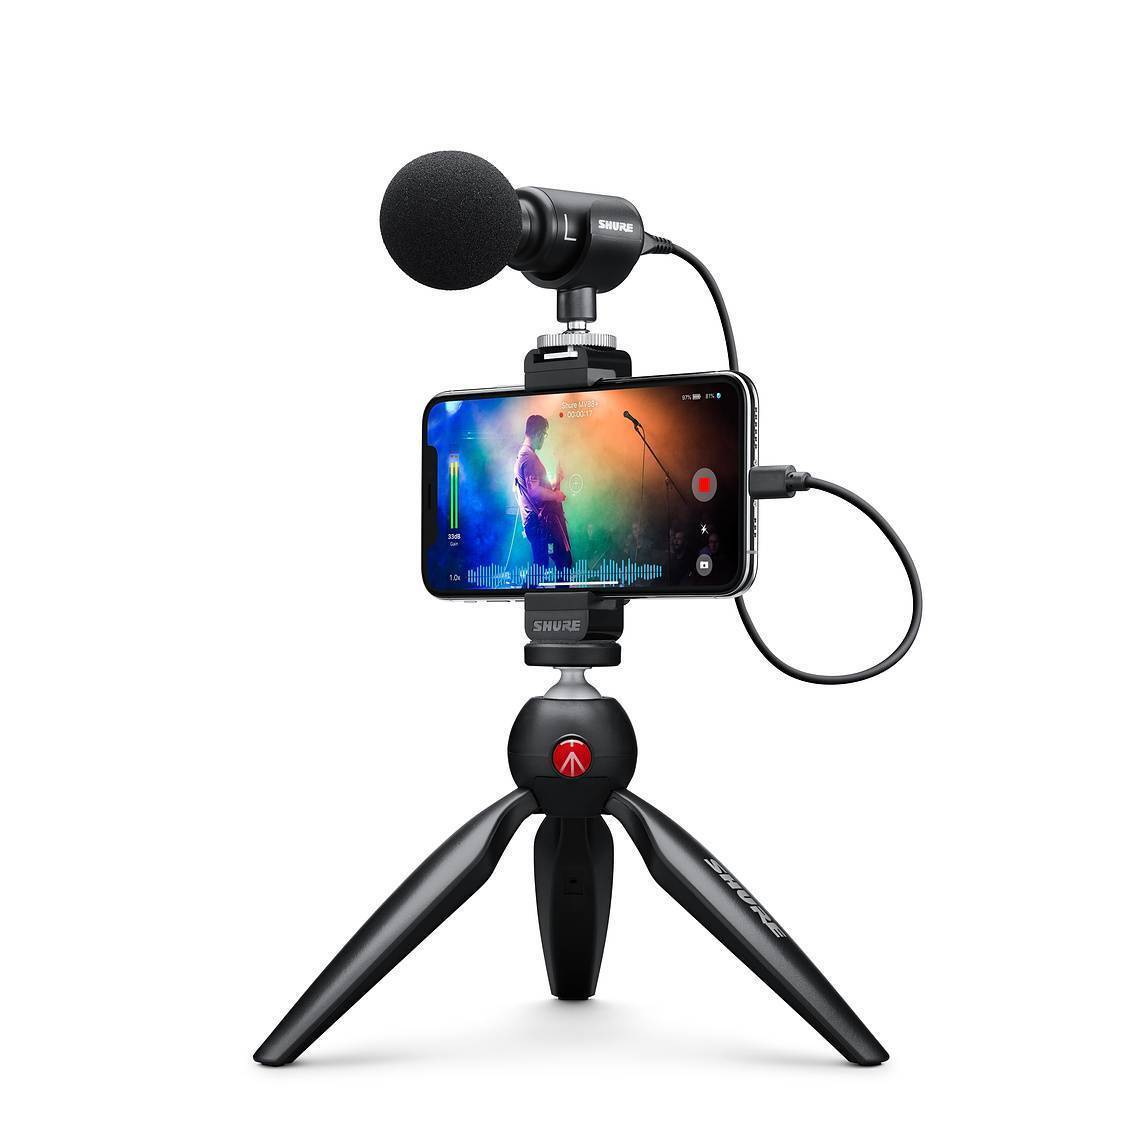 MV88+ VIDEO KIT MICROFONO SHURE CONDENSADOR DIGITAL ESTEREO MV88 + VIDEO KIT